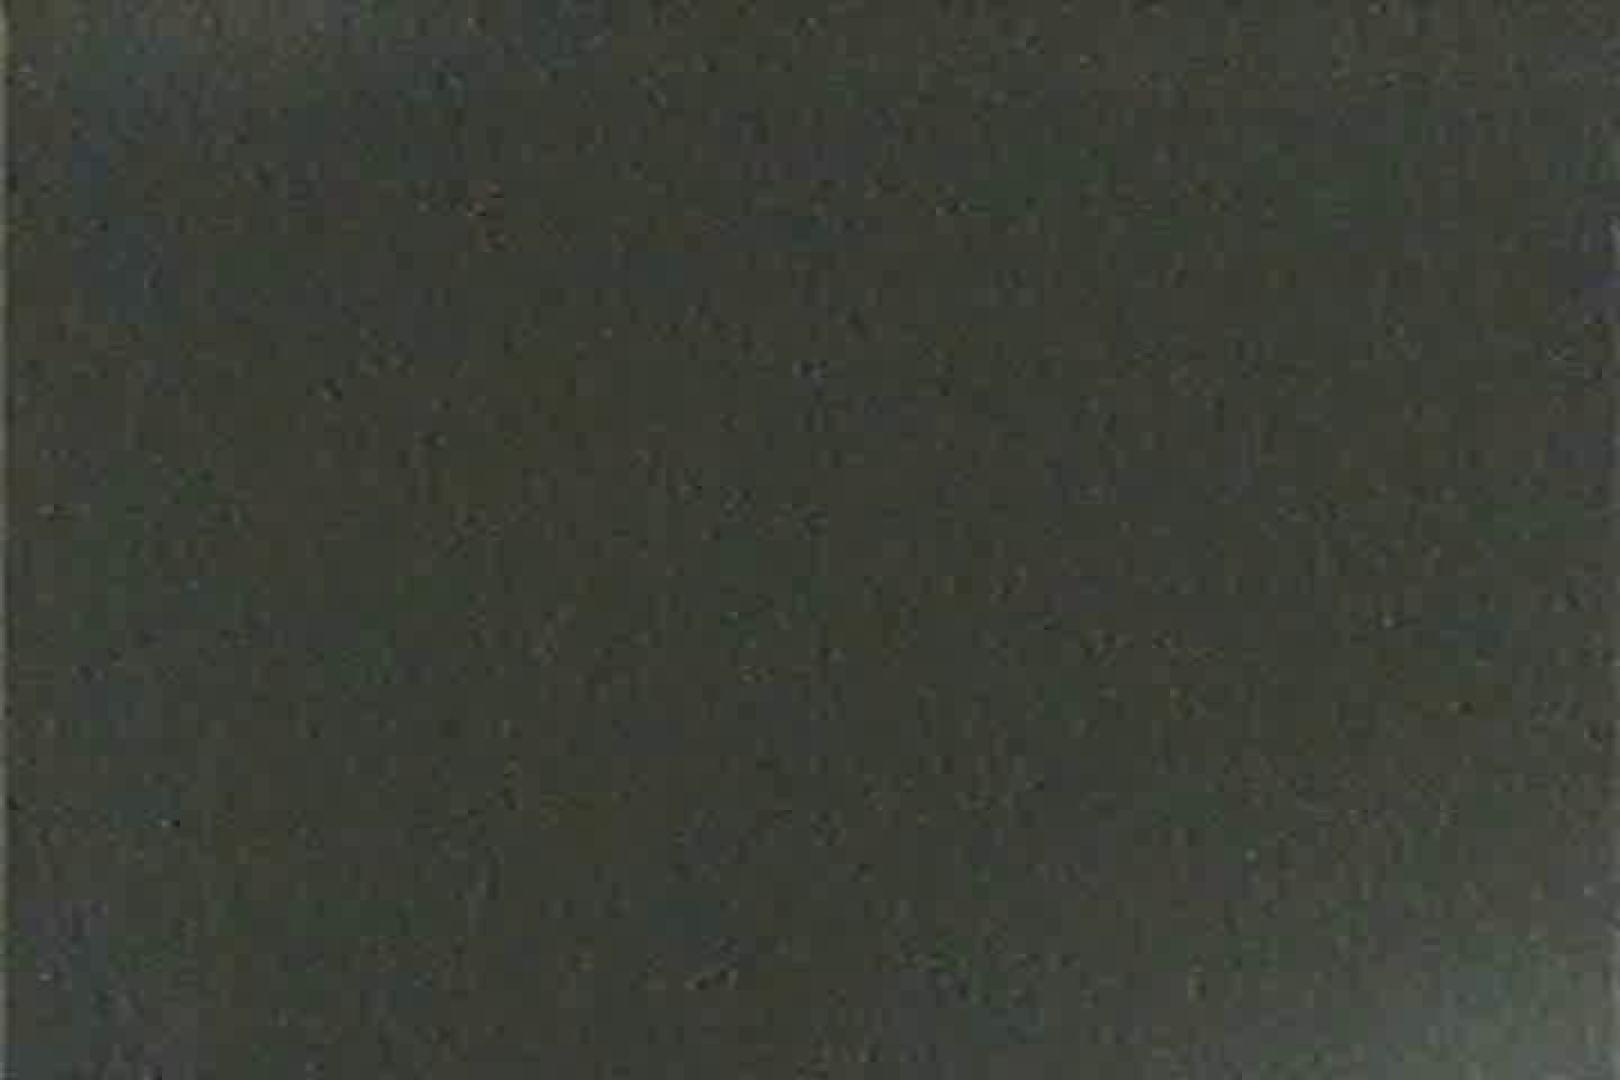 「ちくりん」さんのオリジナル未編集パンチラVol.2_02 潜入 SEX無修正画像 84PIX 31